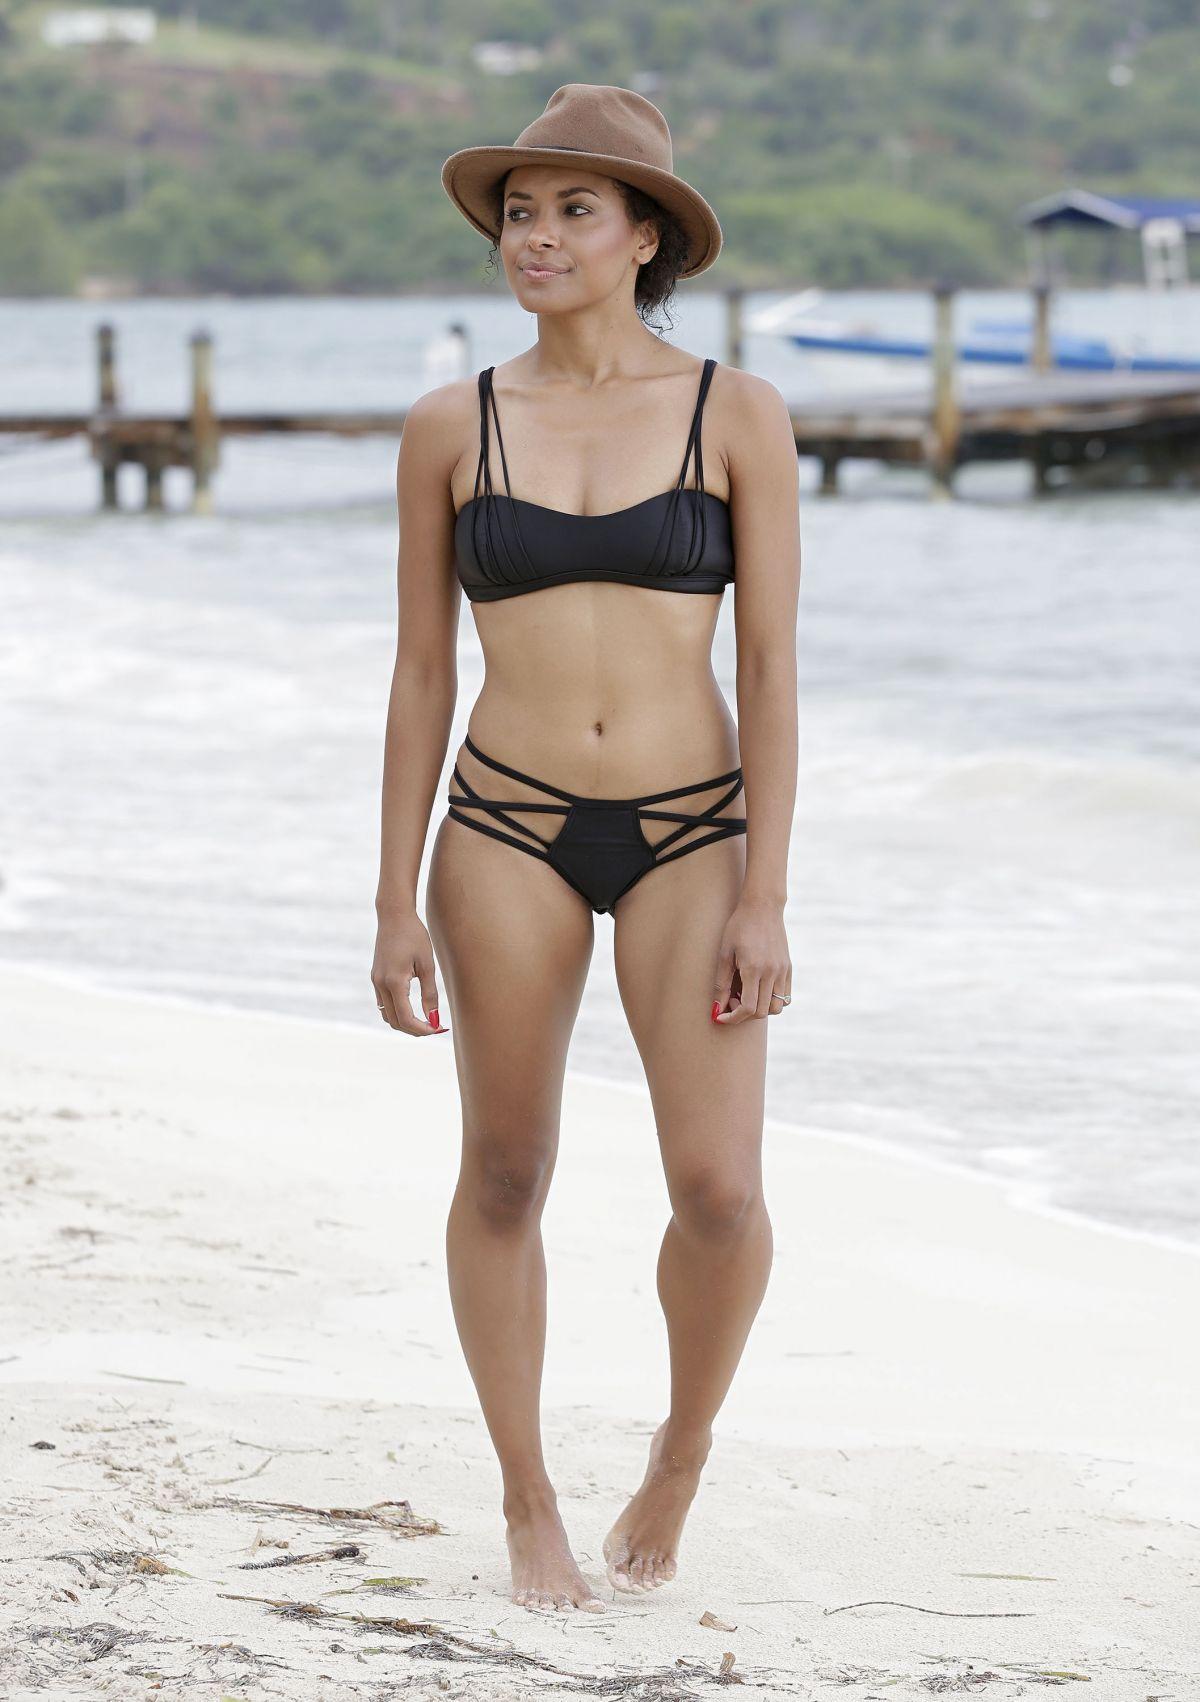 Swimsuit Britne Oldford naked (43 images) Bikini, iCloud, swimsuit